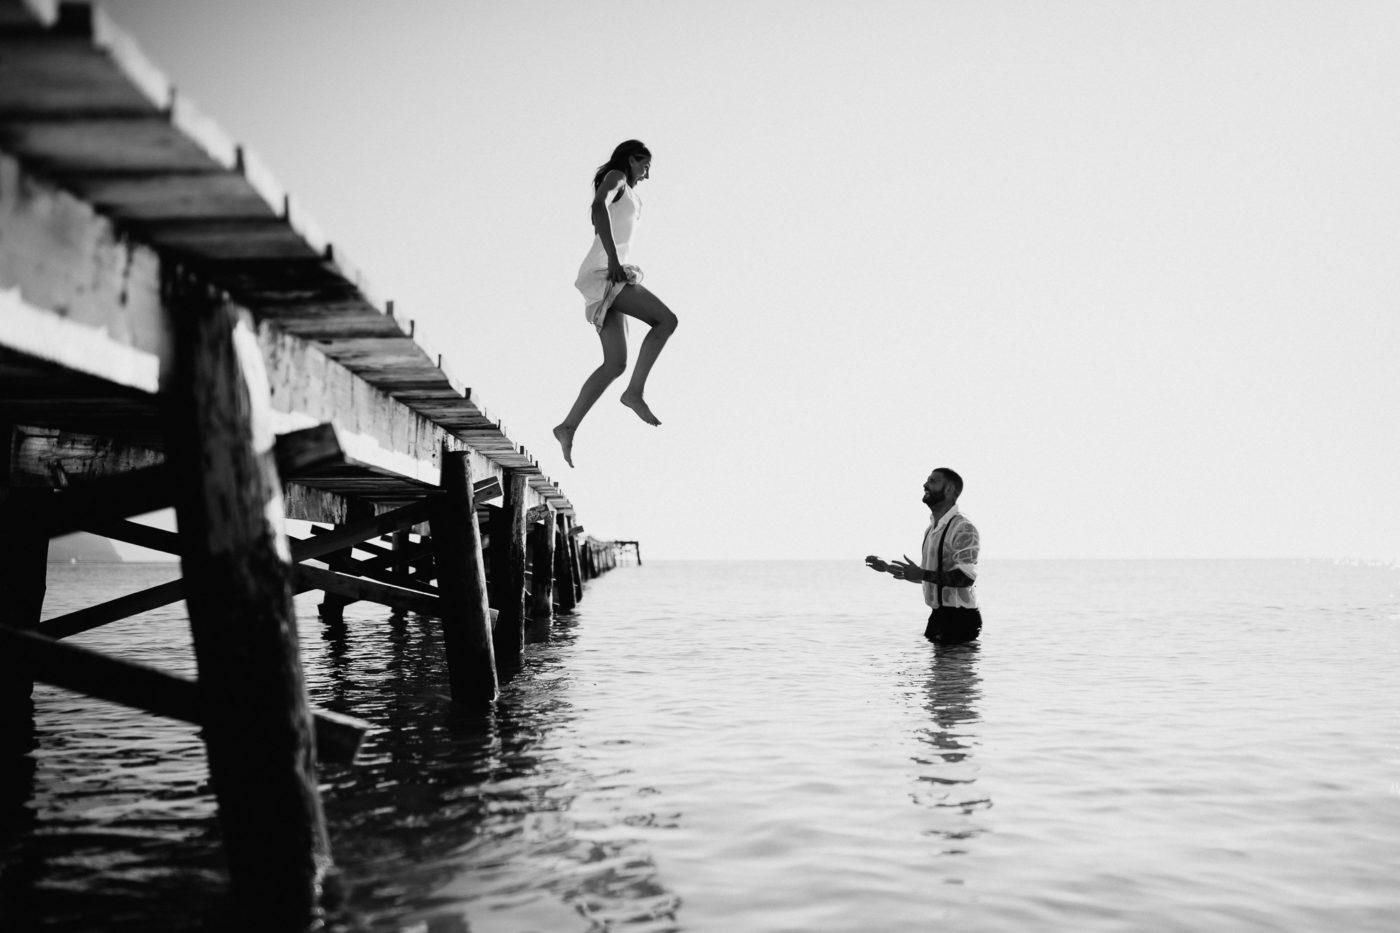 Die Braut springt in voller Montur zum Bräutigam ins Wasser